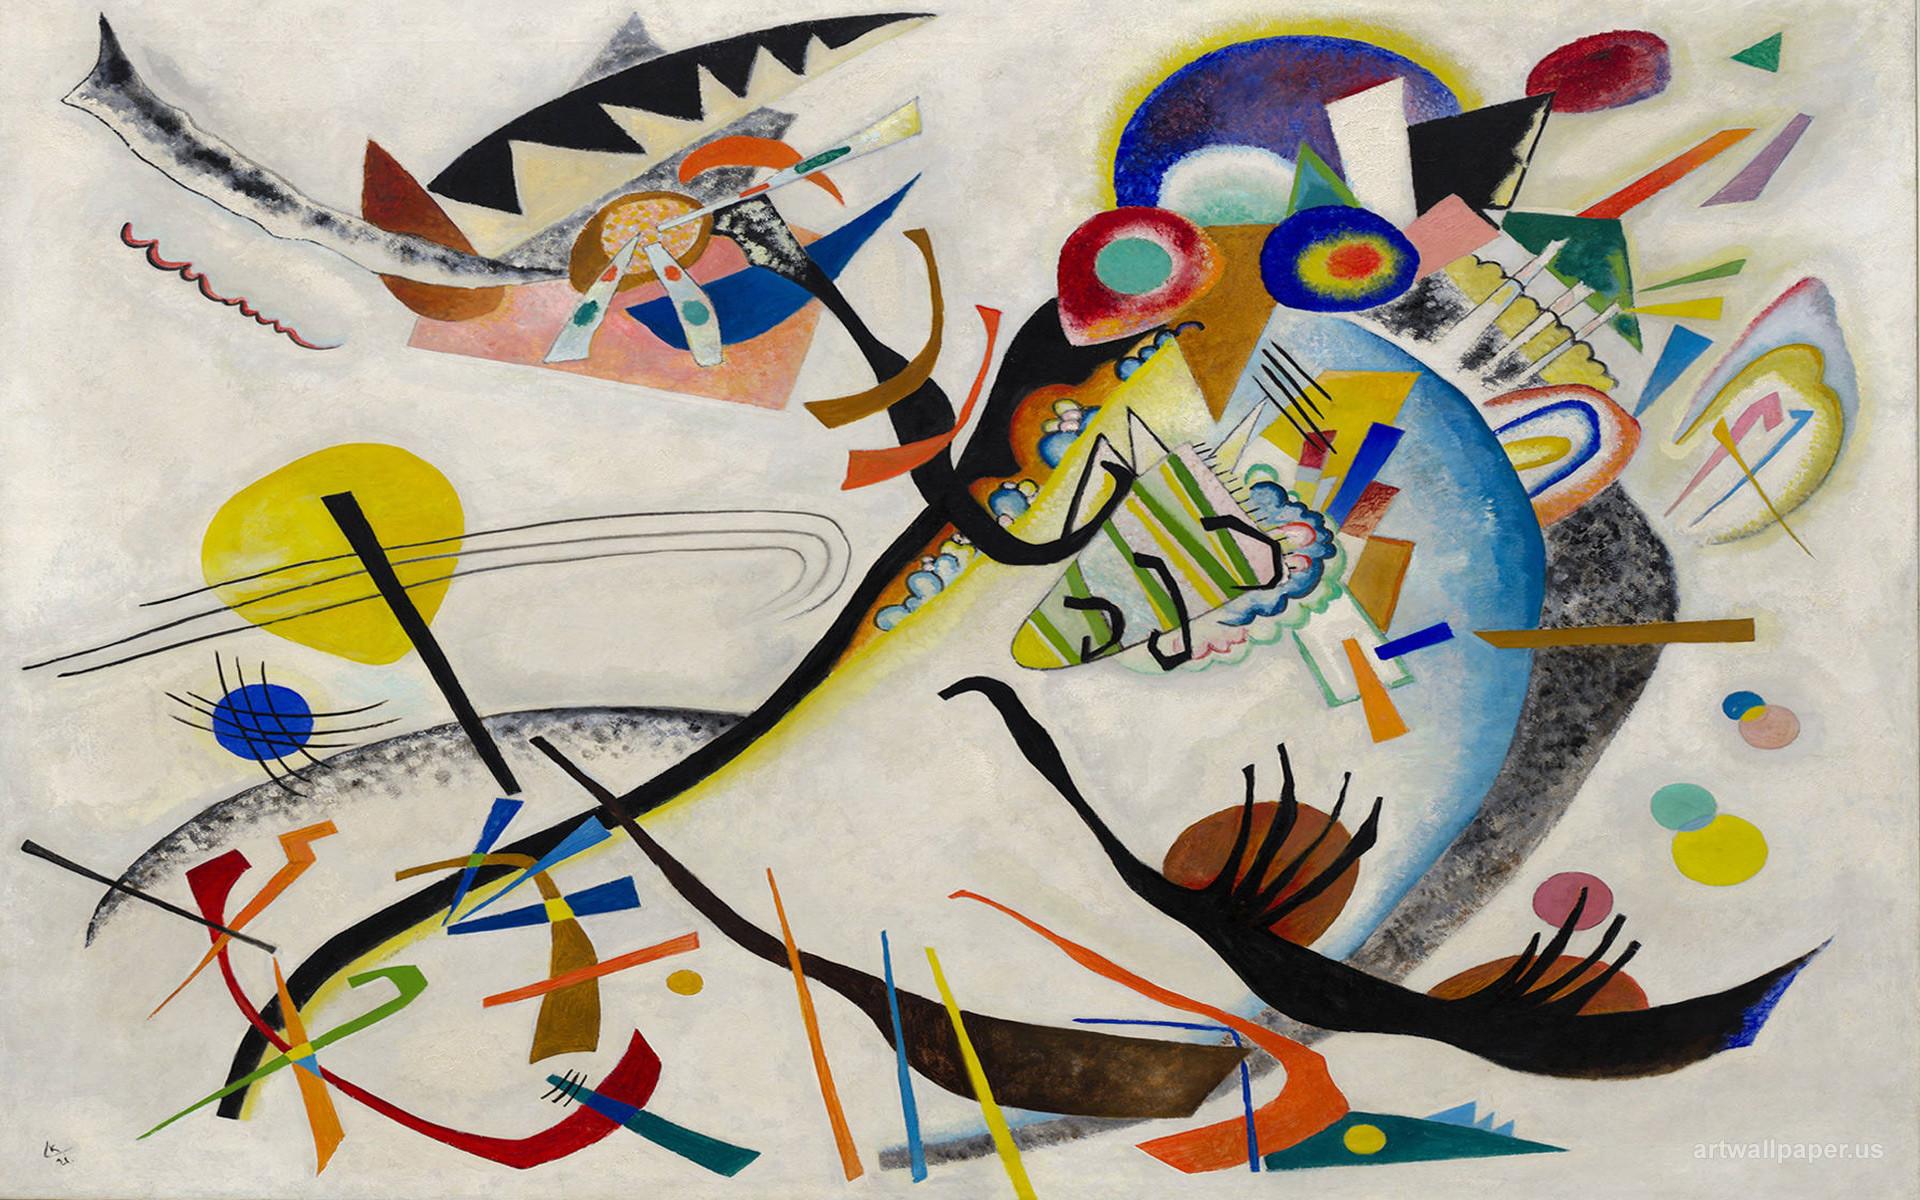 kandinsky paintings names - HD1920×1200